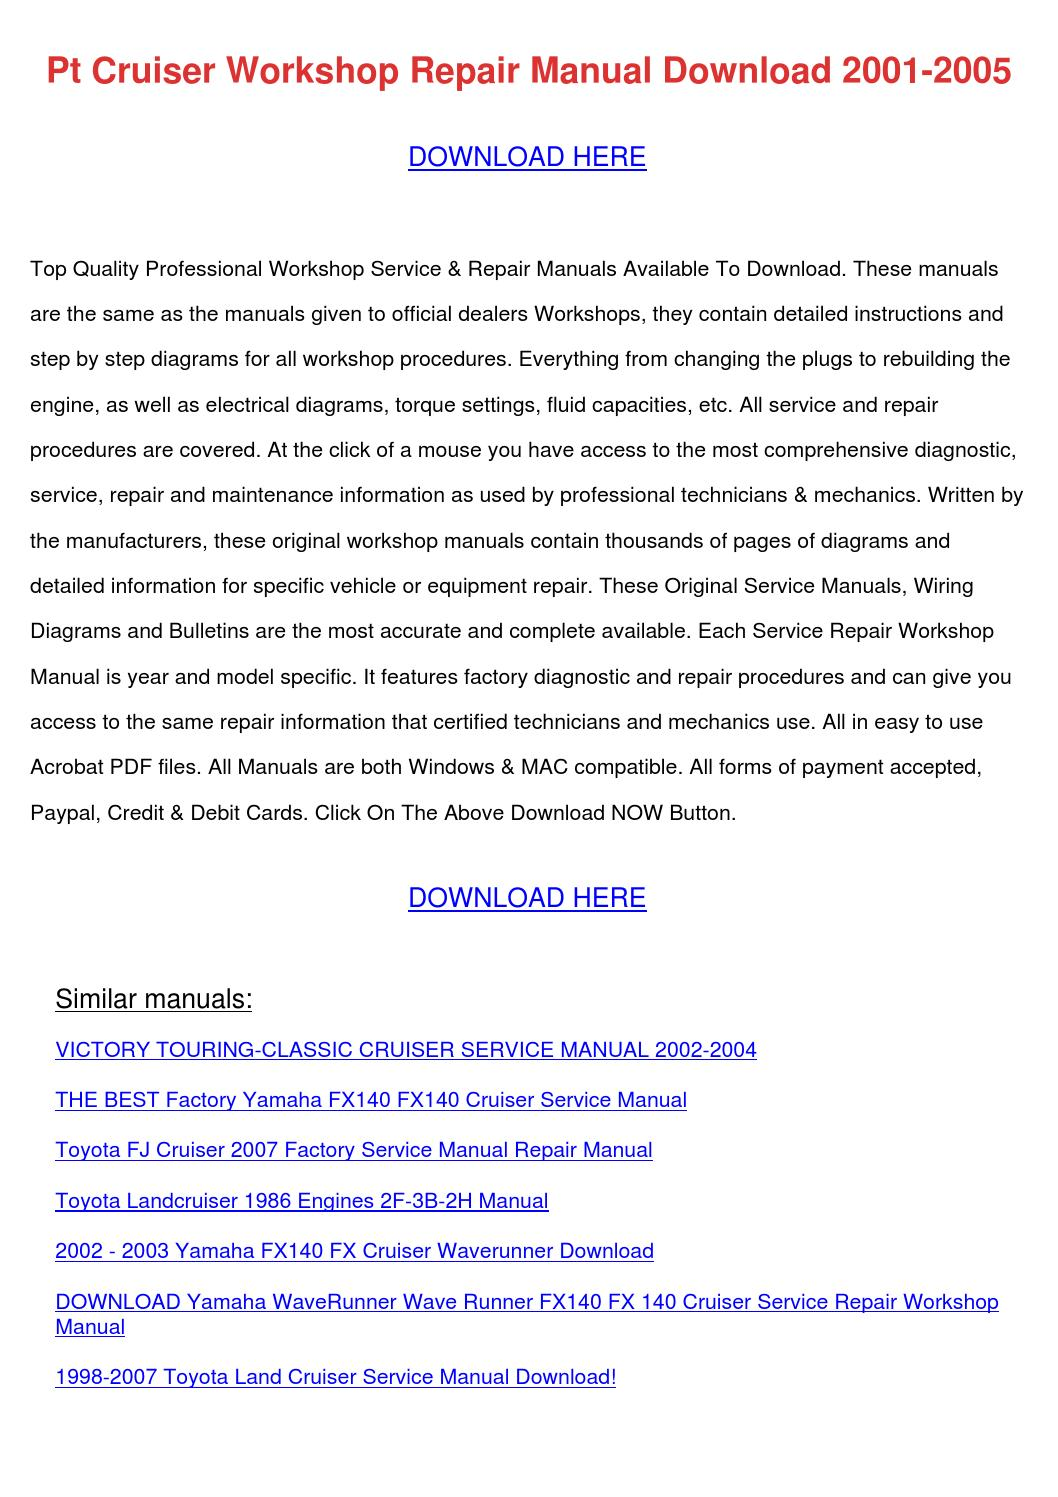 hight resolution of pt cruiser workshop repair manual download 20